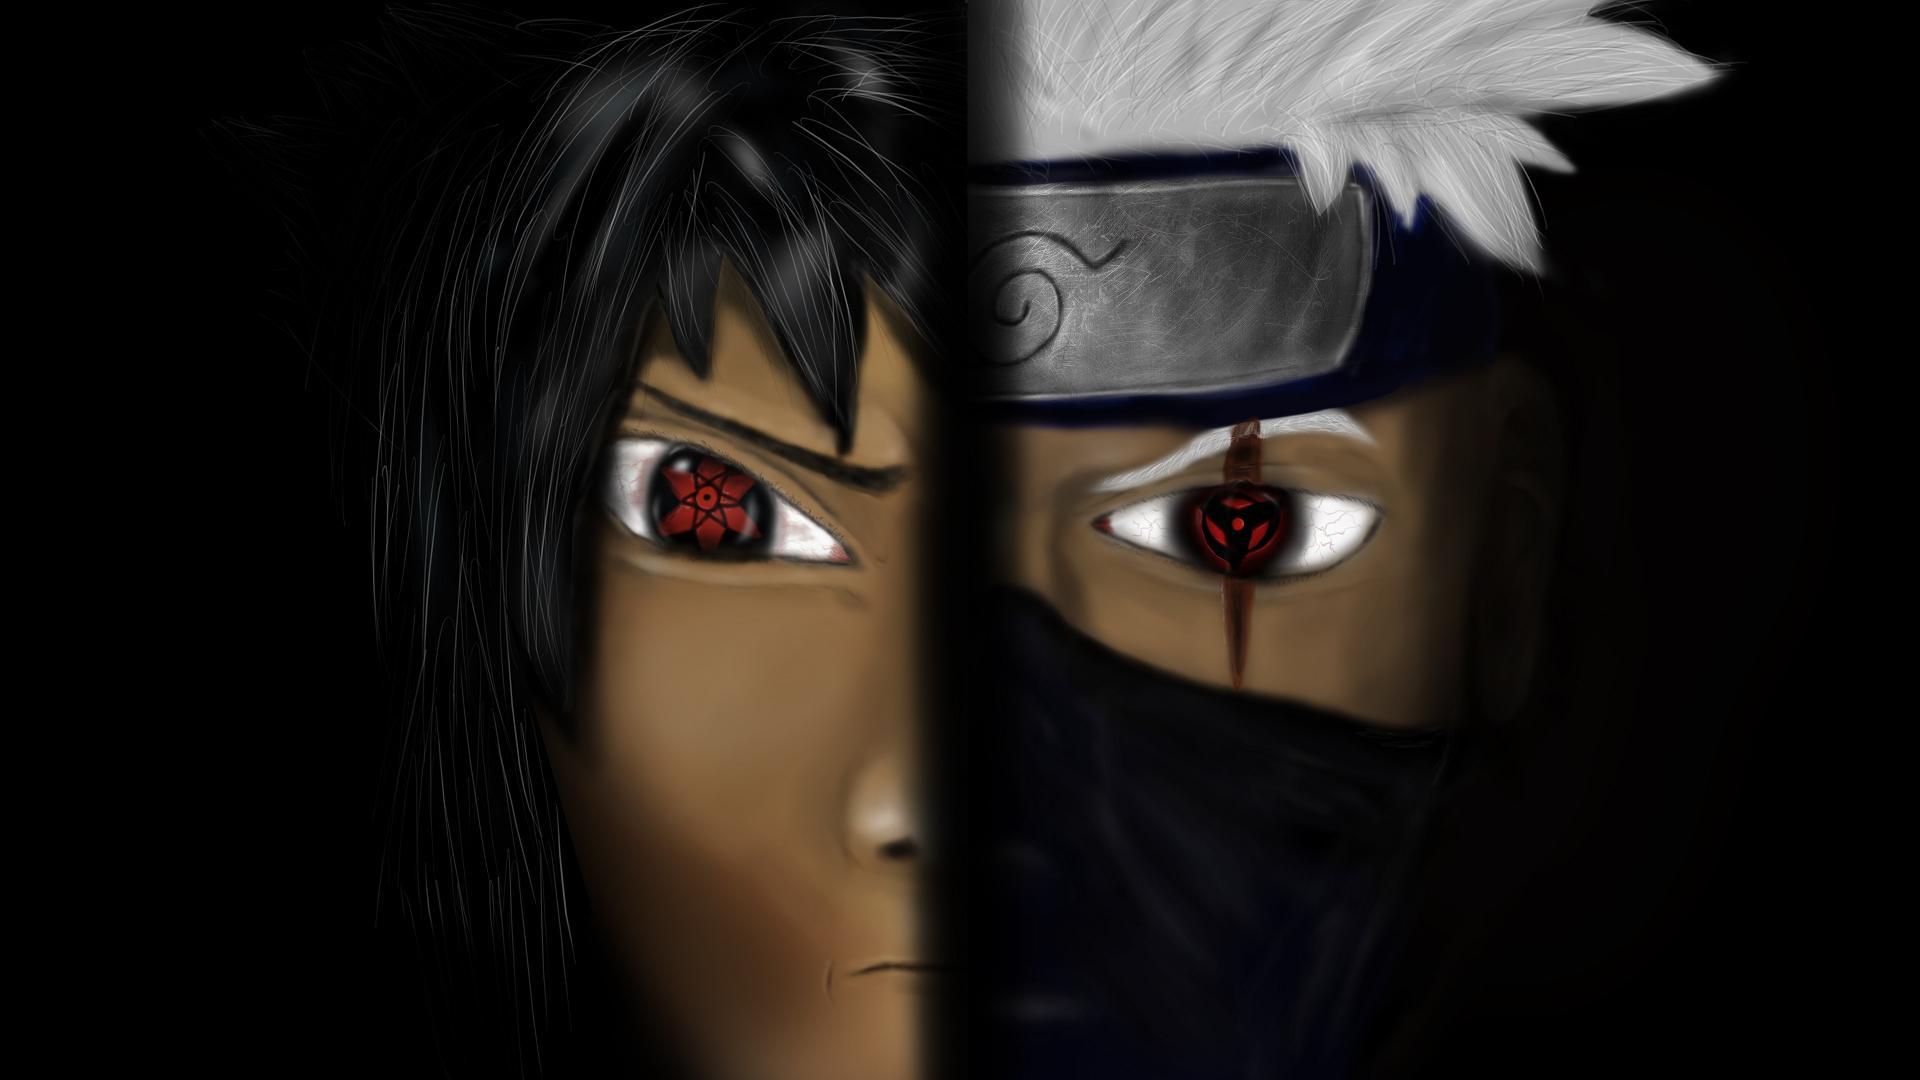 Sasuke vs. Kakashi